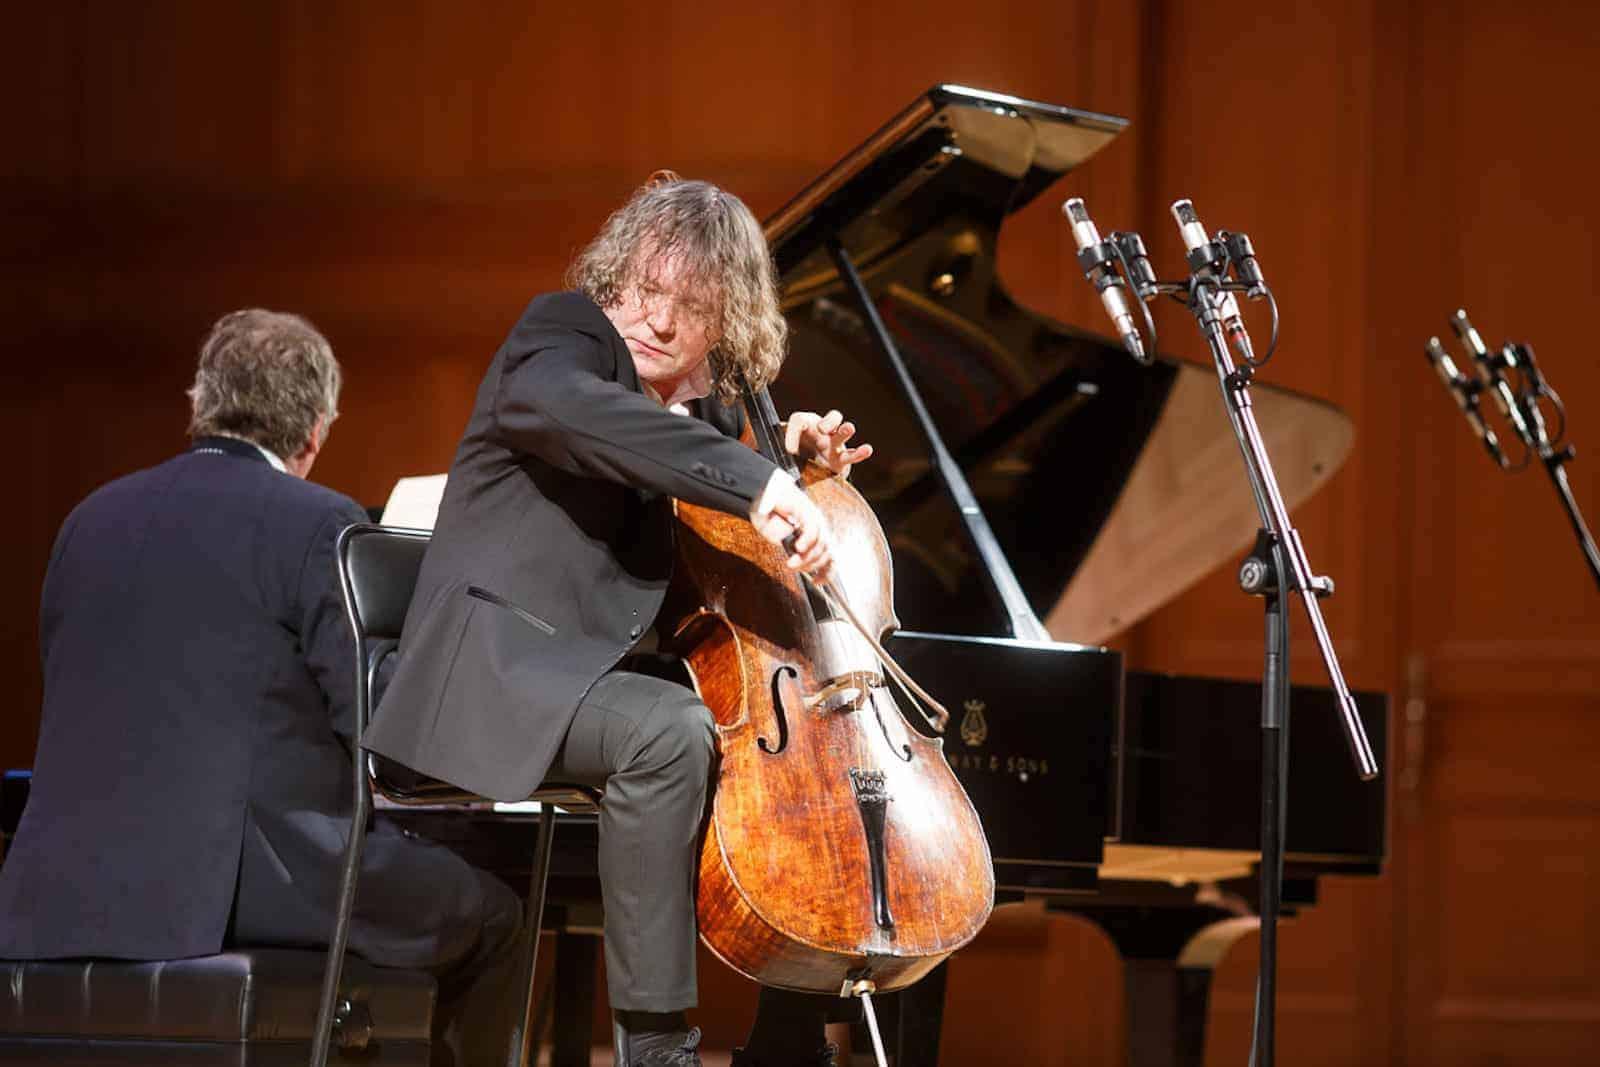 Борис Березовский (фортепиано), Александр Князев (виолончель), Кристоф Барати (скрипка) концерт в москве